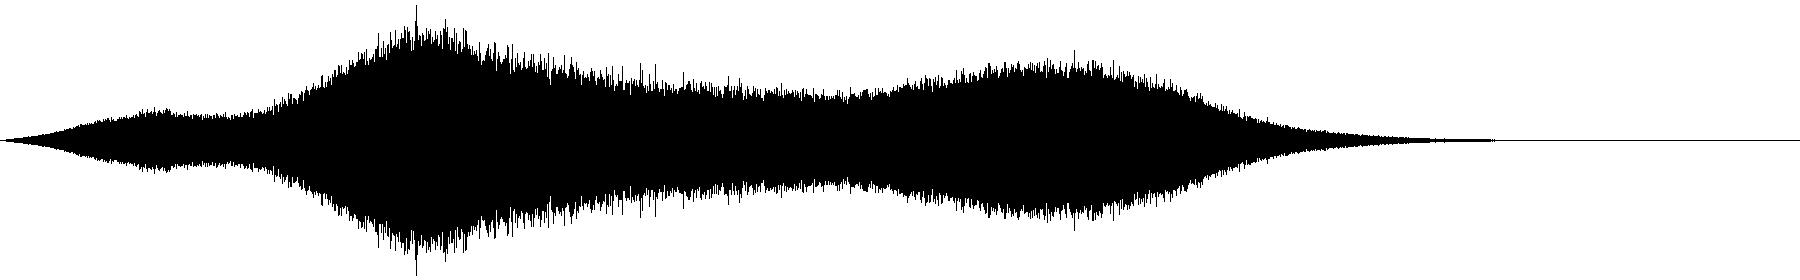 ehp sfx blackhole